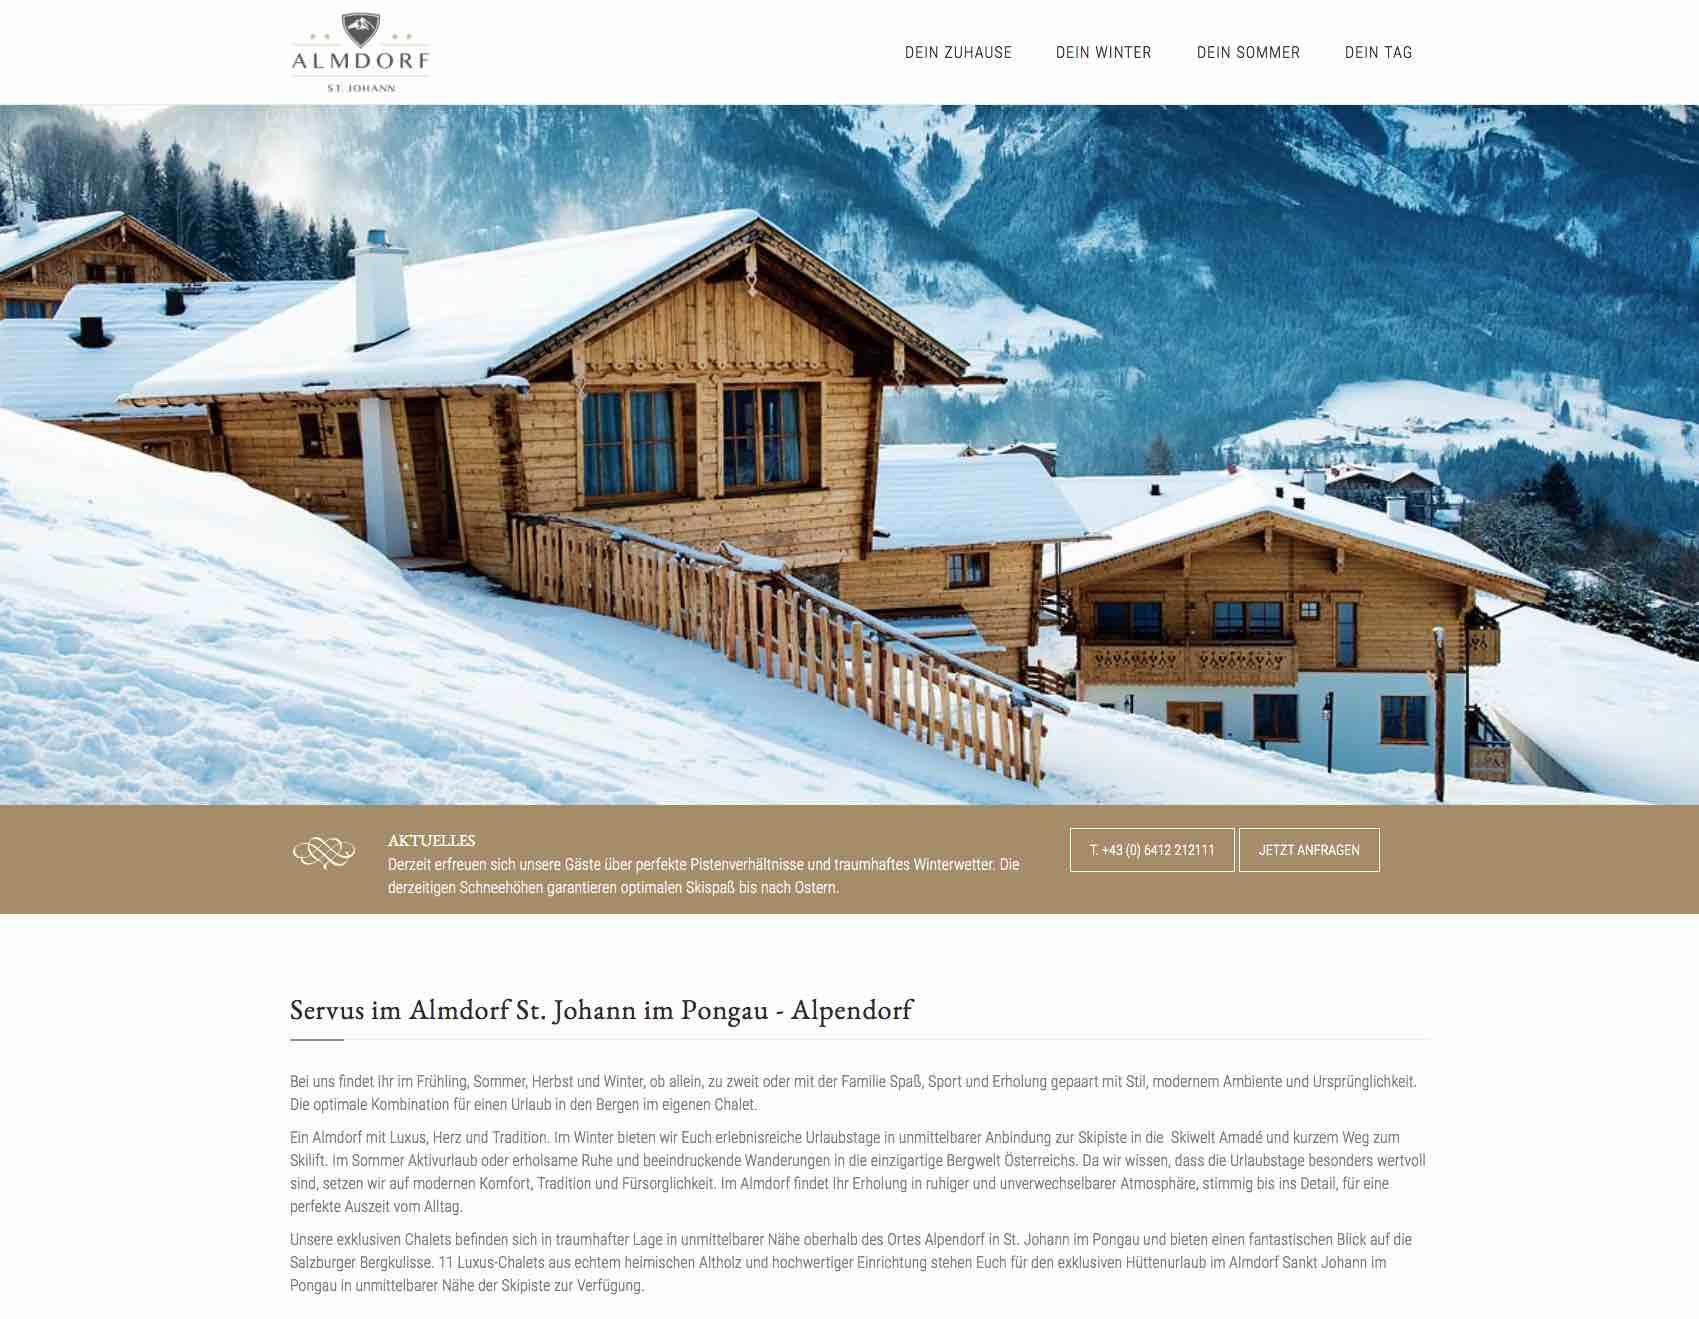 Almdorf_Landinpage